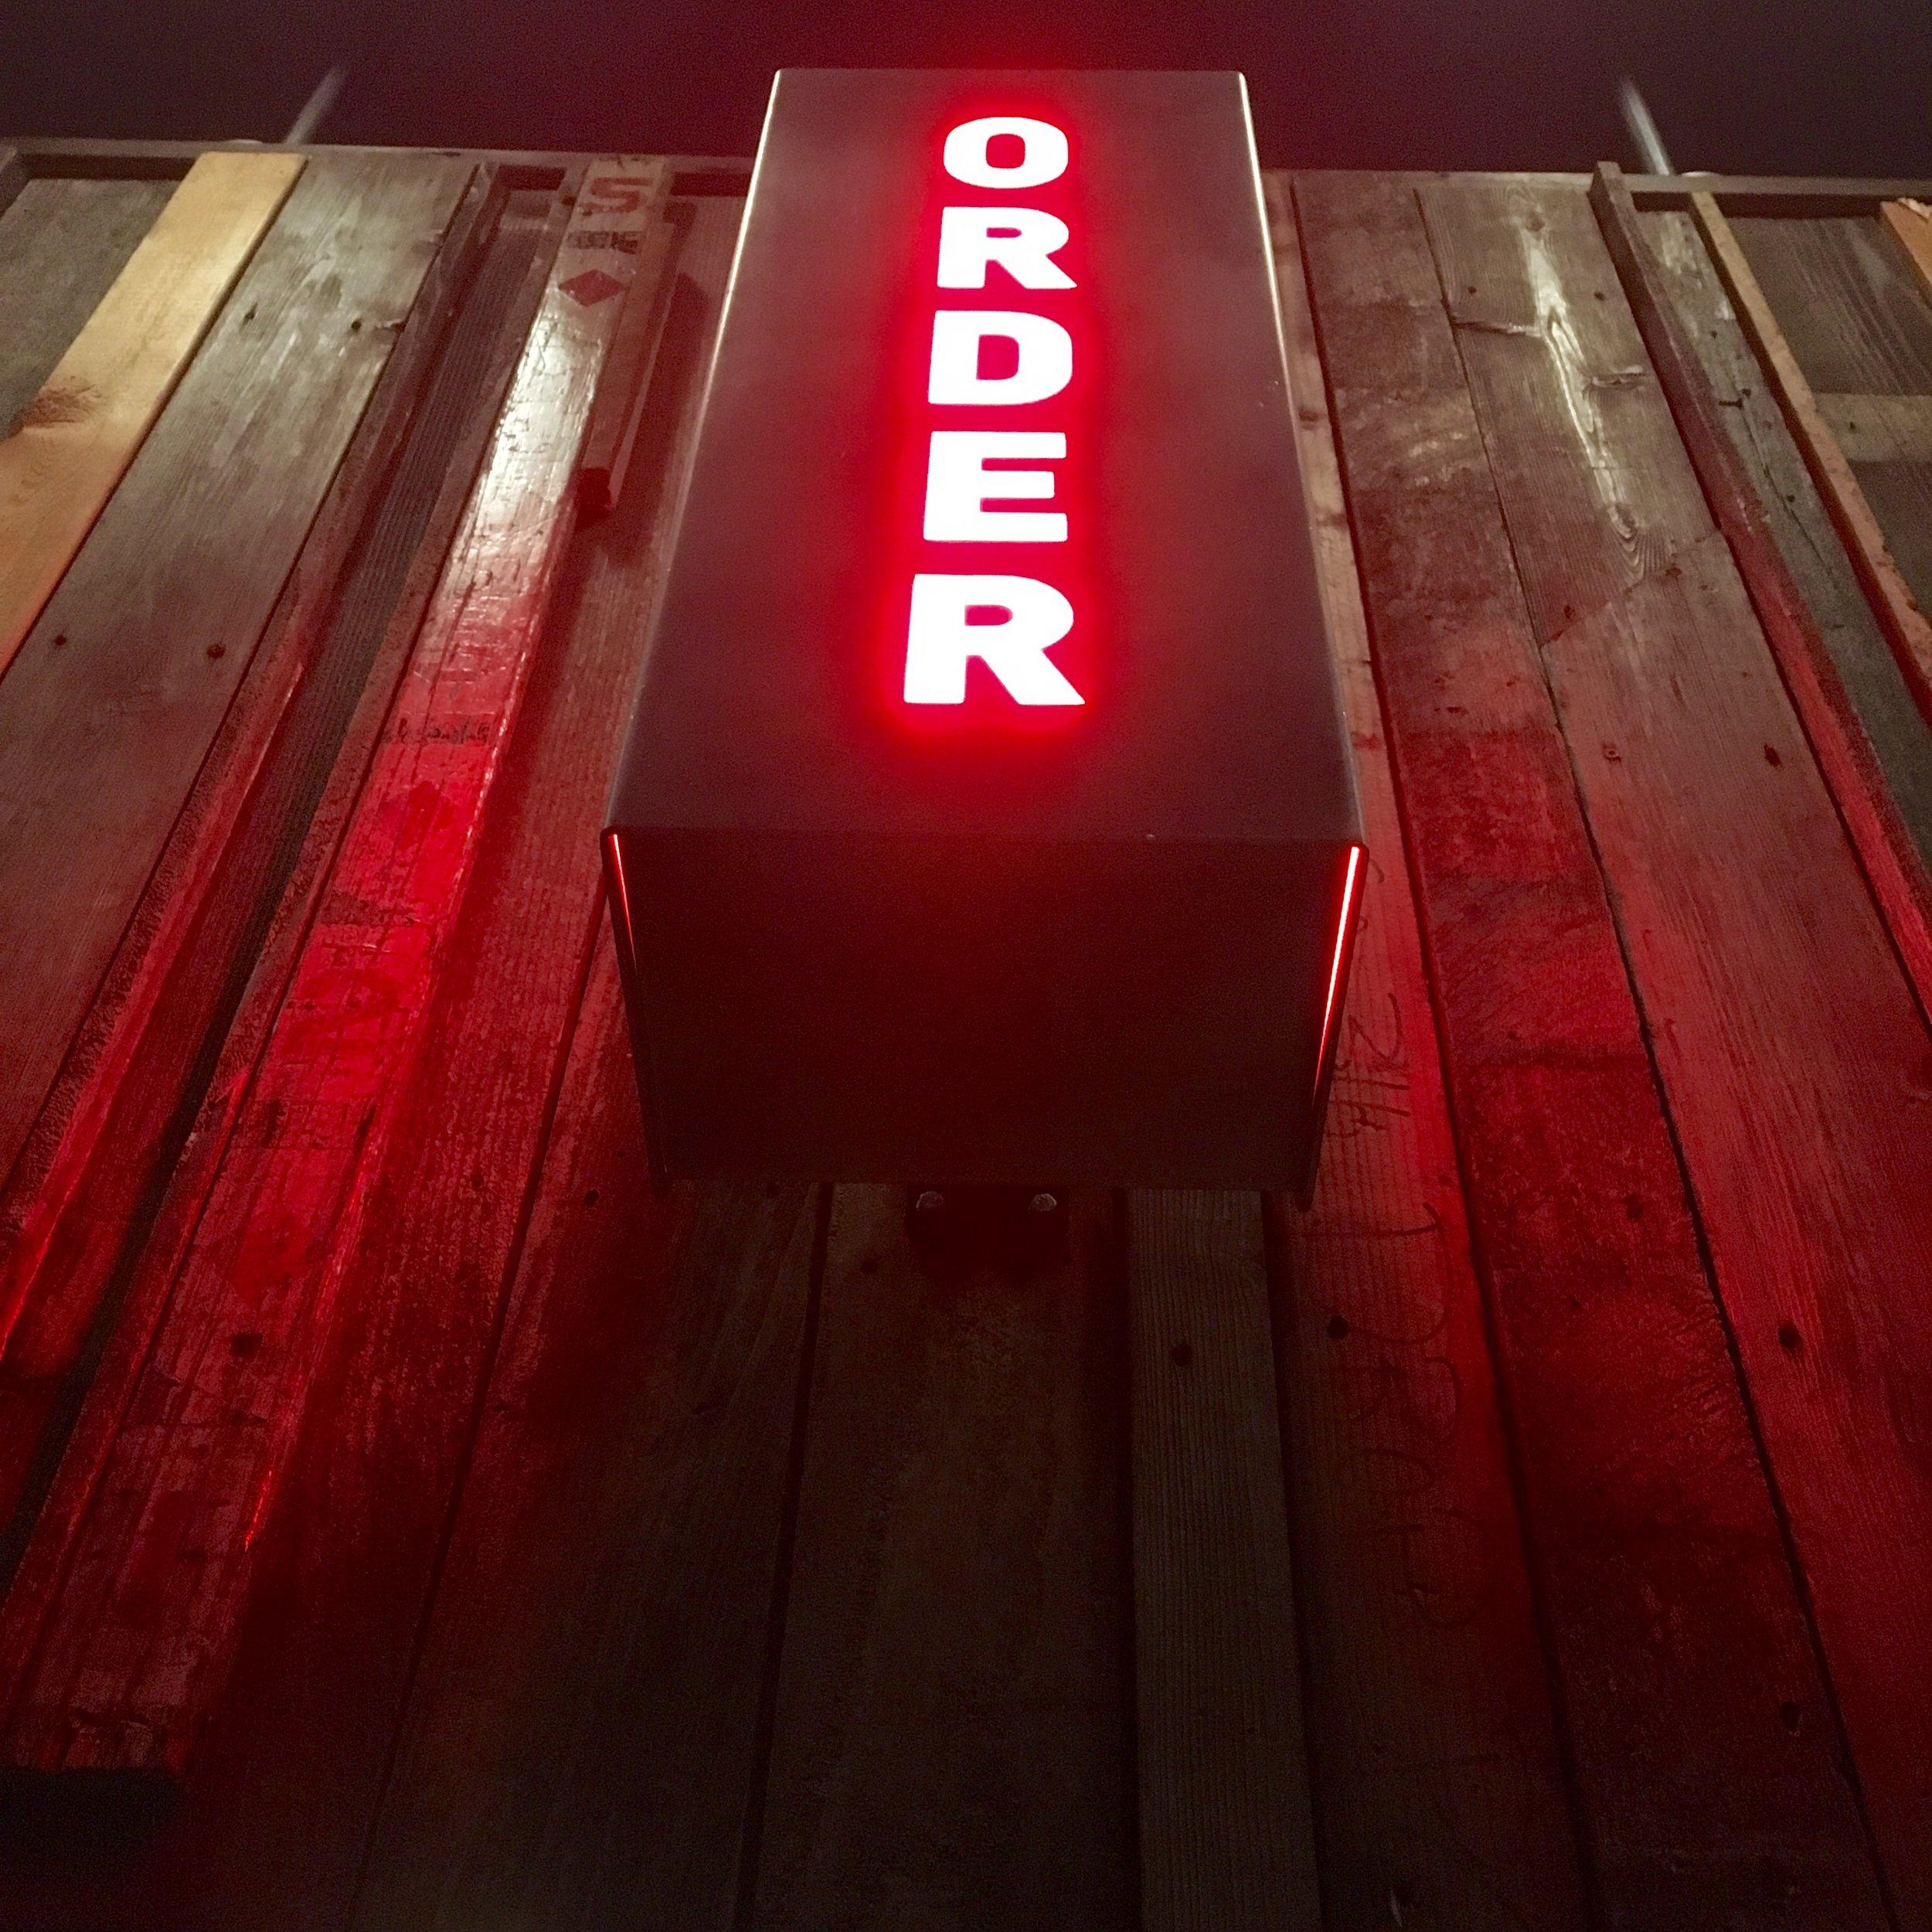 OrderSign20170727_FullSizeRender.jpg